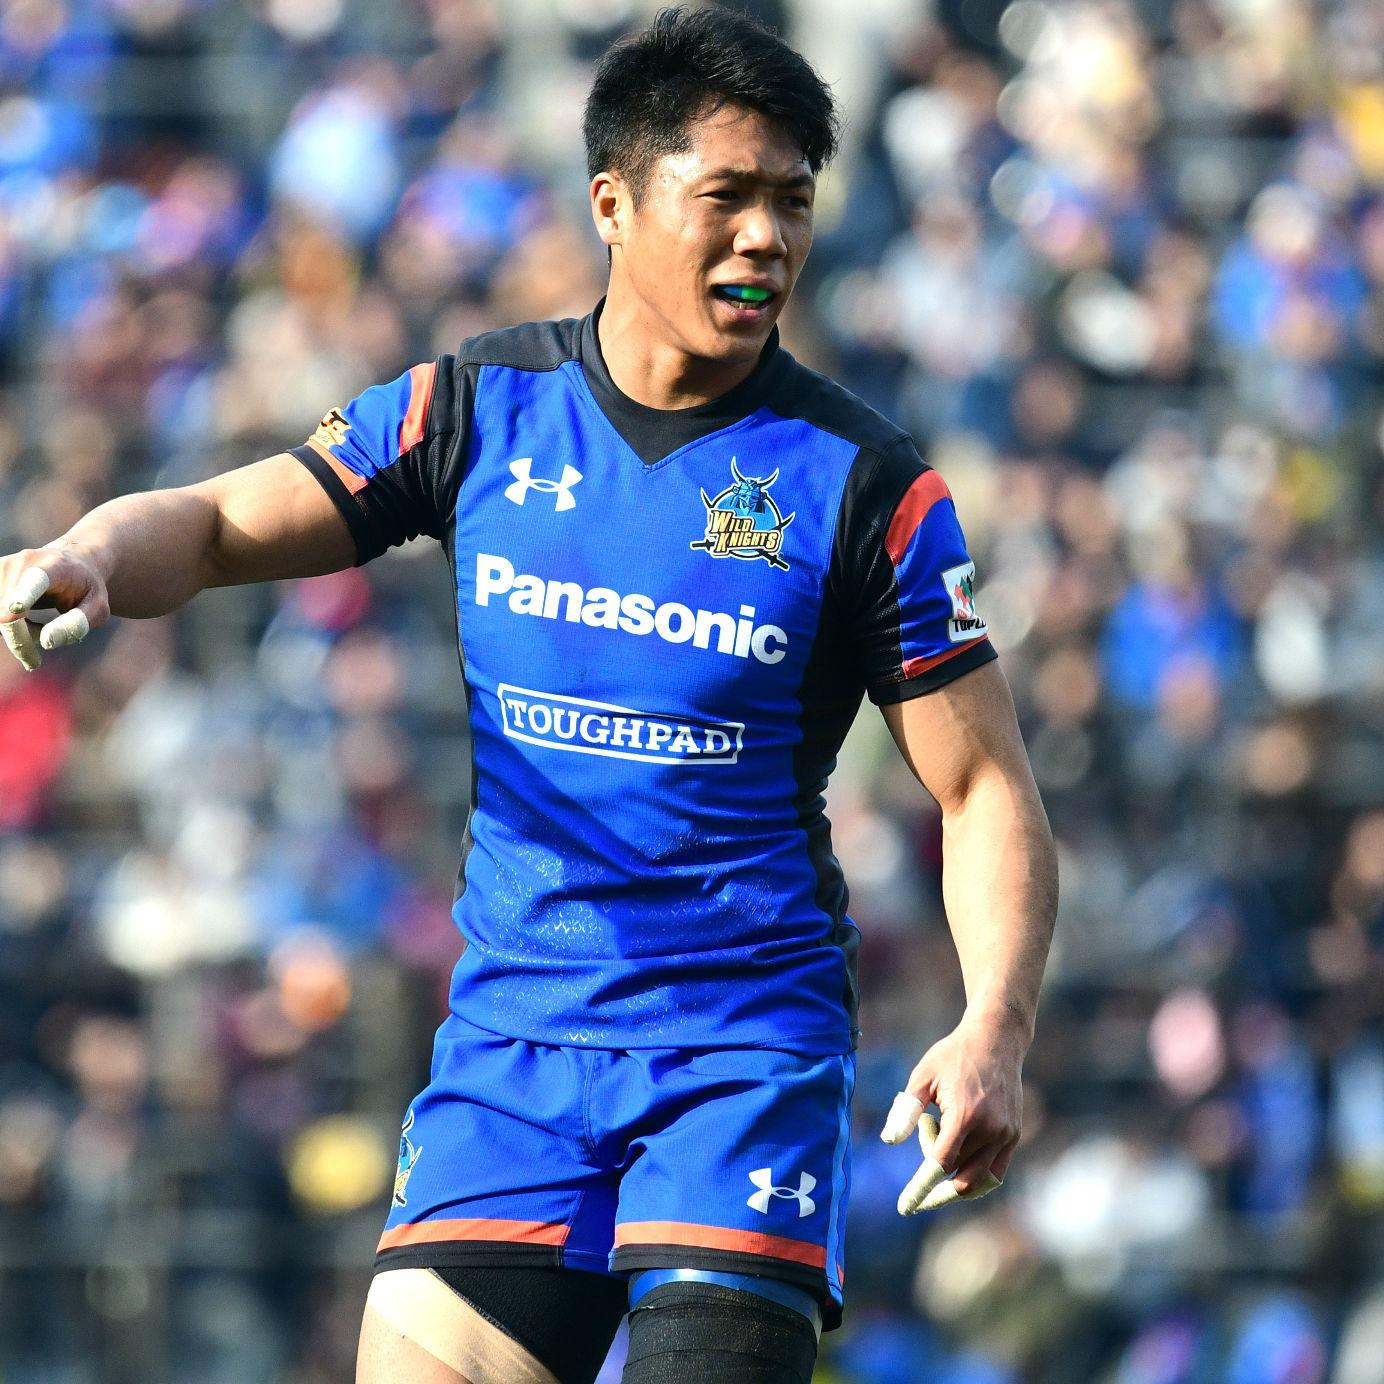 日本ラグビー界の希望。史上初の「大学生トップリーガー」山沢拓也のとてつもない将来性